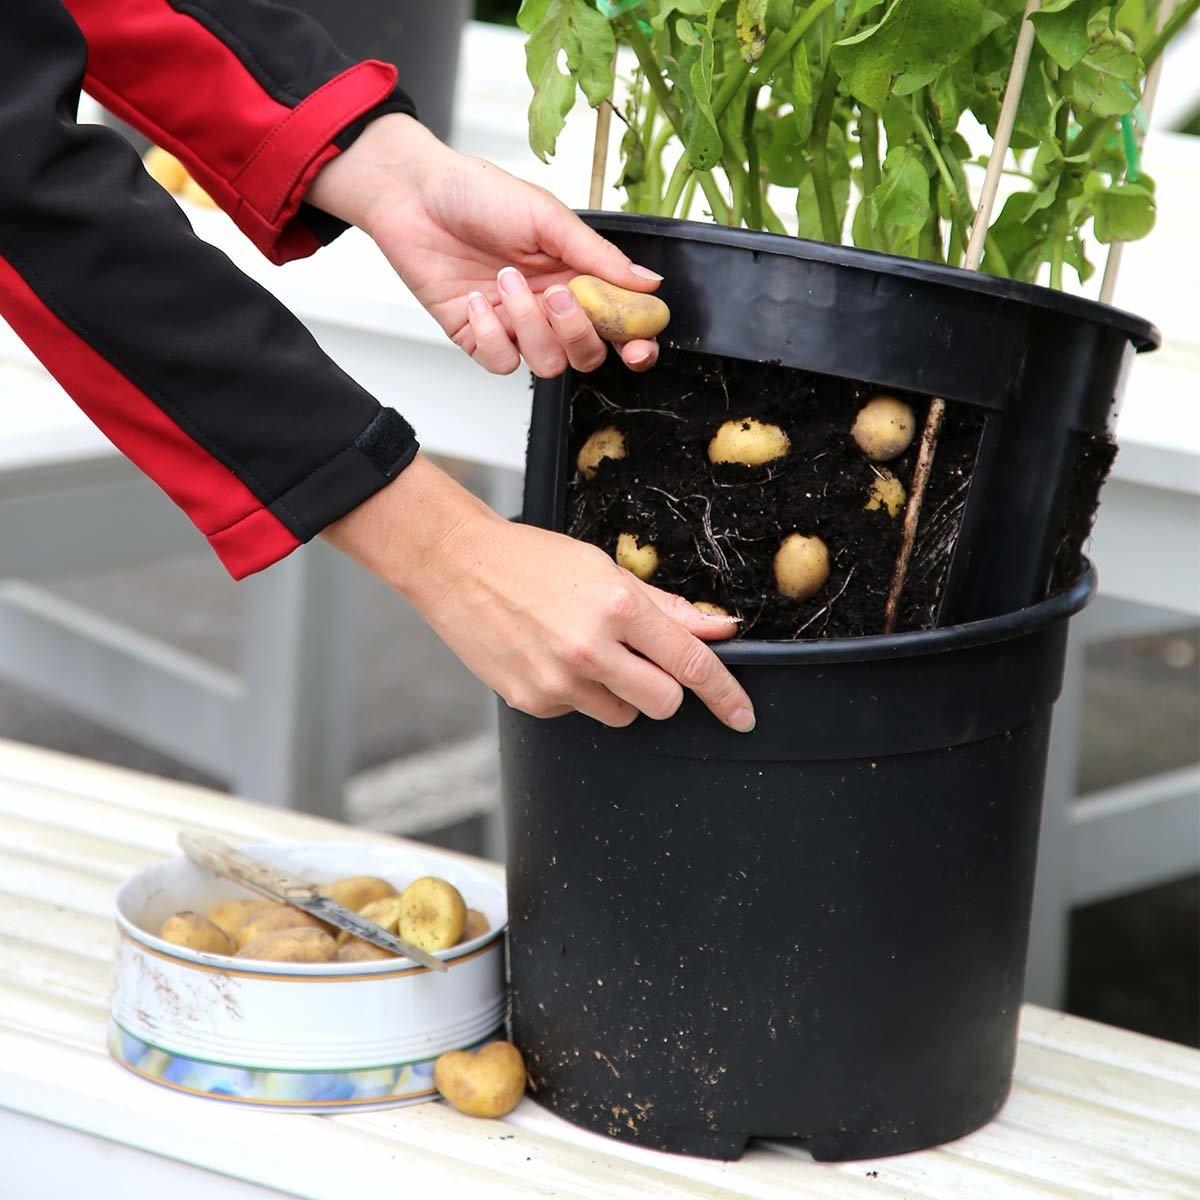 einfaches pflanzen von Kartoffeln auf dem Balkon oder der Terasse tomgarten PotatoPot inklusive 3x K/üchenkr/äuter-Saatgut inklusive passendem Kr/äuter-Saatgut